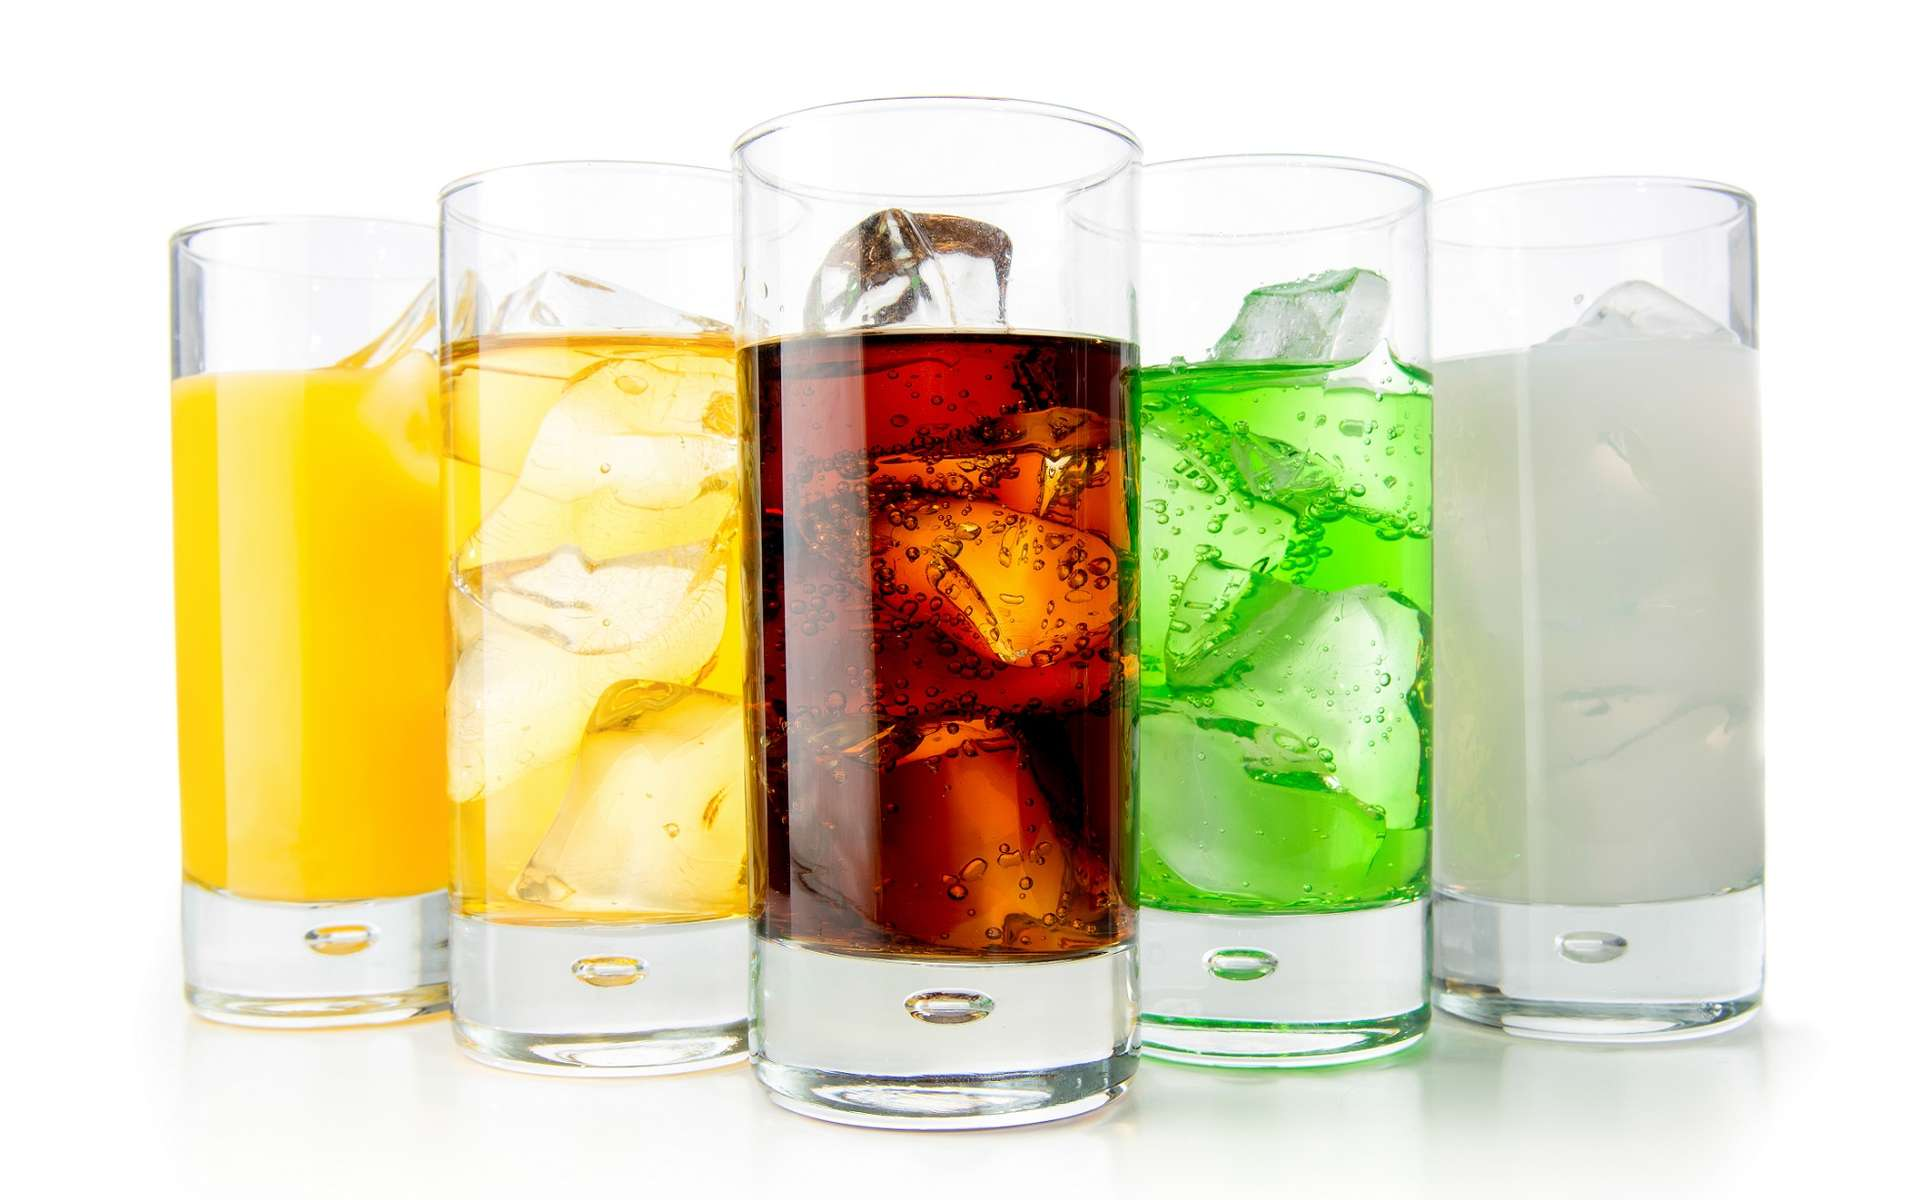 La consommation de boissons sucrées reste élevée dans les pays développés et augmente dans certains pays en développement. © kps123, Shutterstock